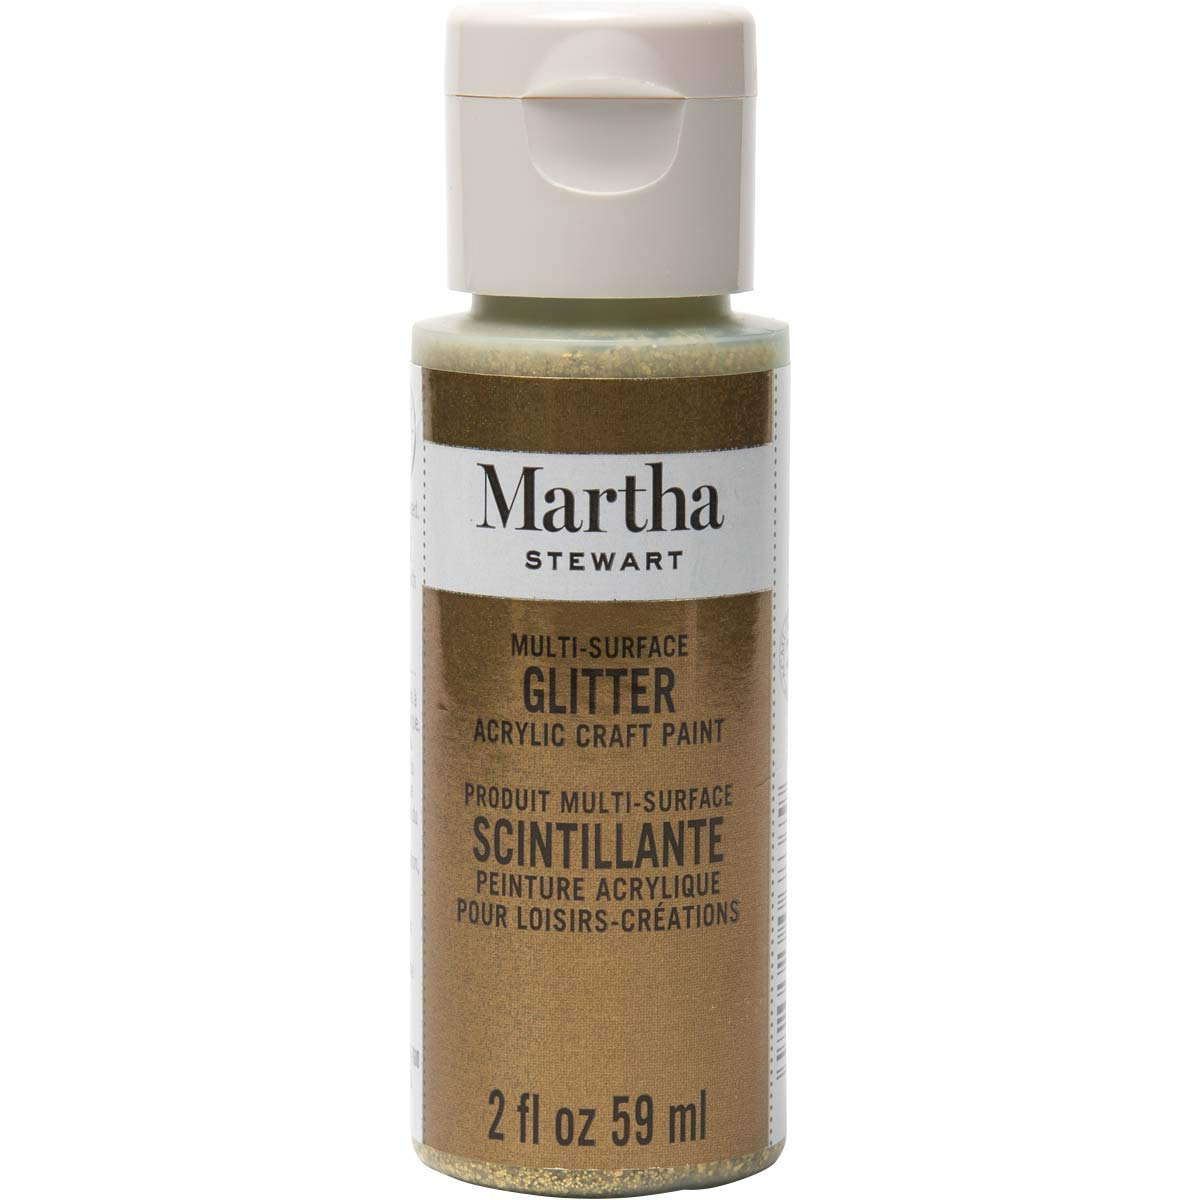 Martha Stewart Crafts Multi-Surface Glitter Craft Paint: Florentine Gold, 2 oz